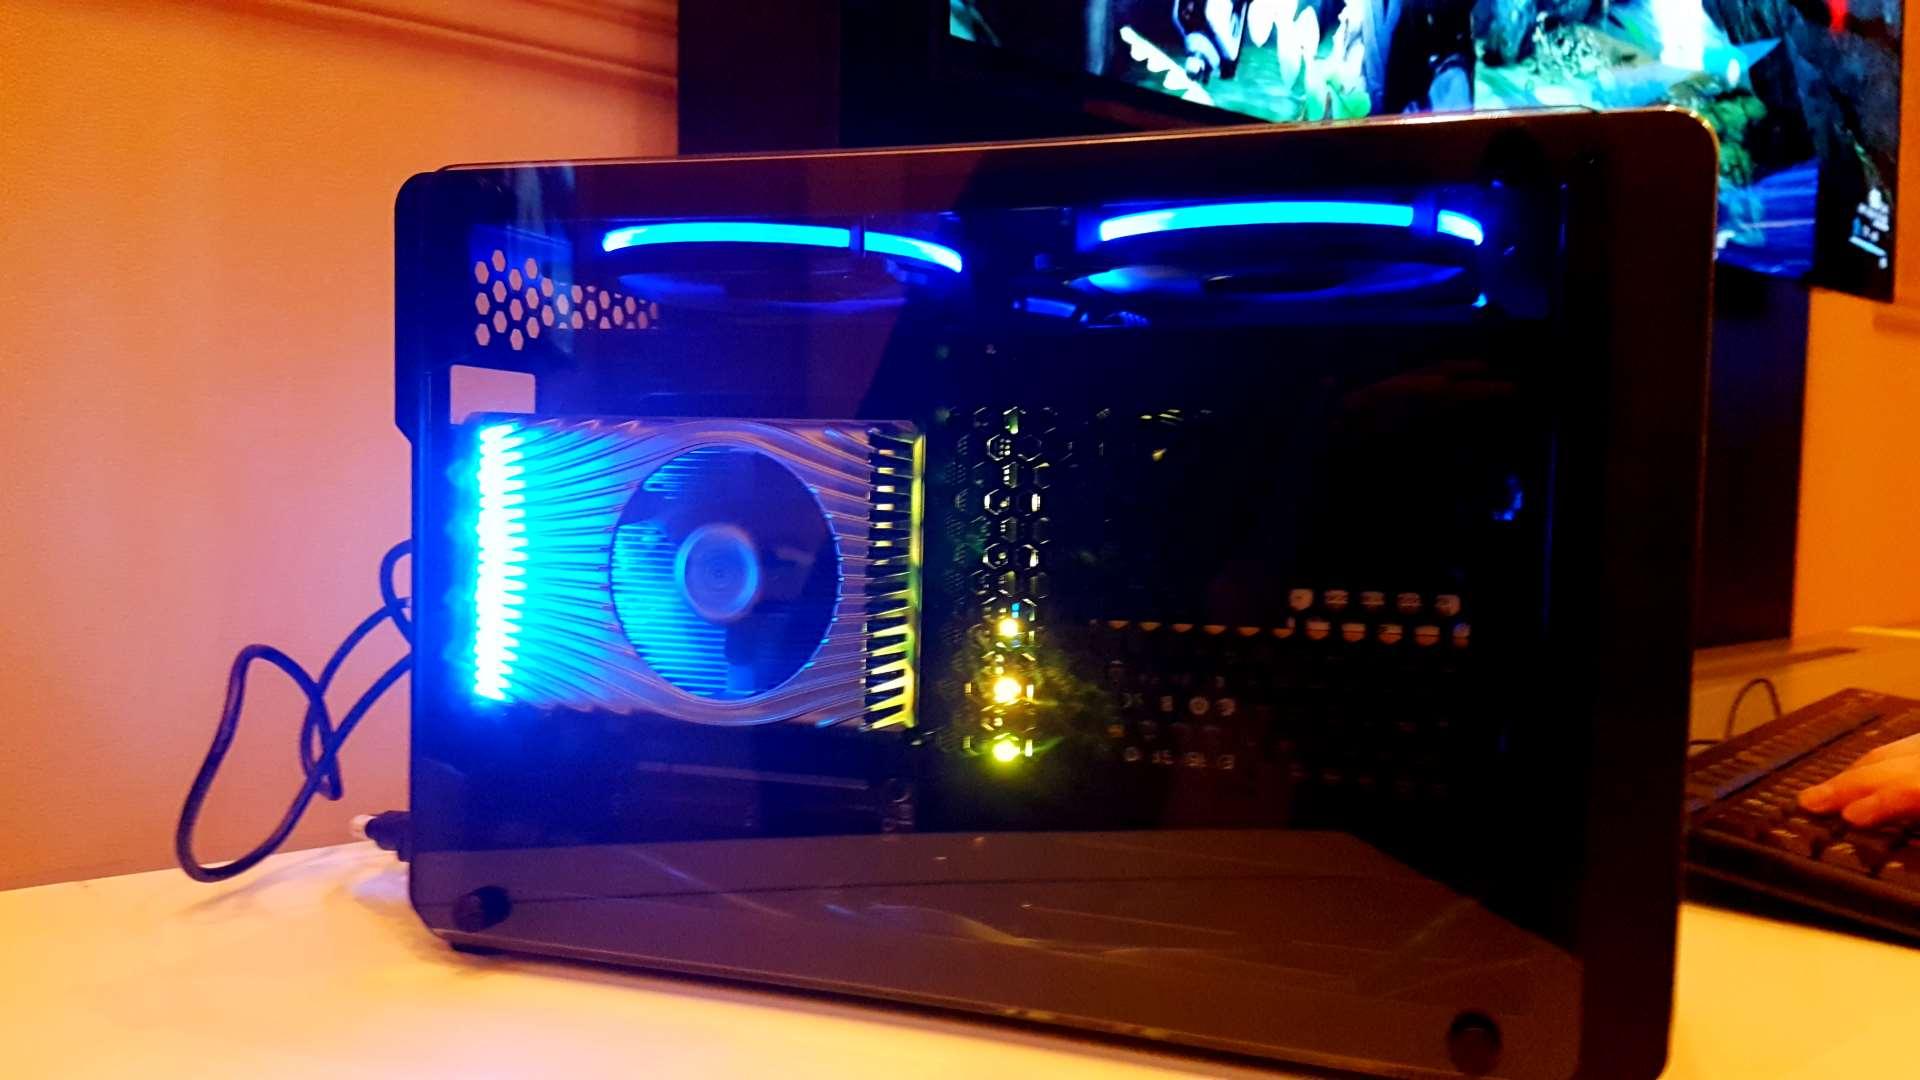 Intel muestra la tarjeta gráfica basada en Intel Xe DG1 para ofrecerla a los desarrolladores 3